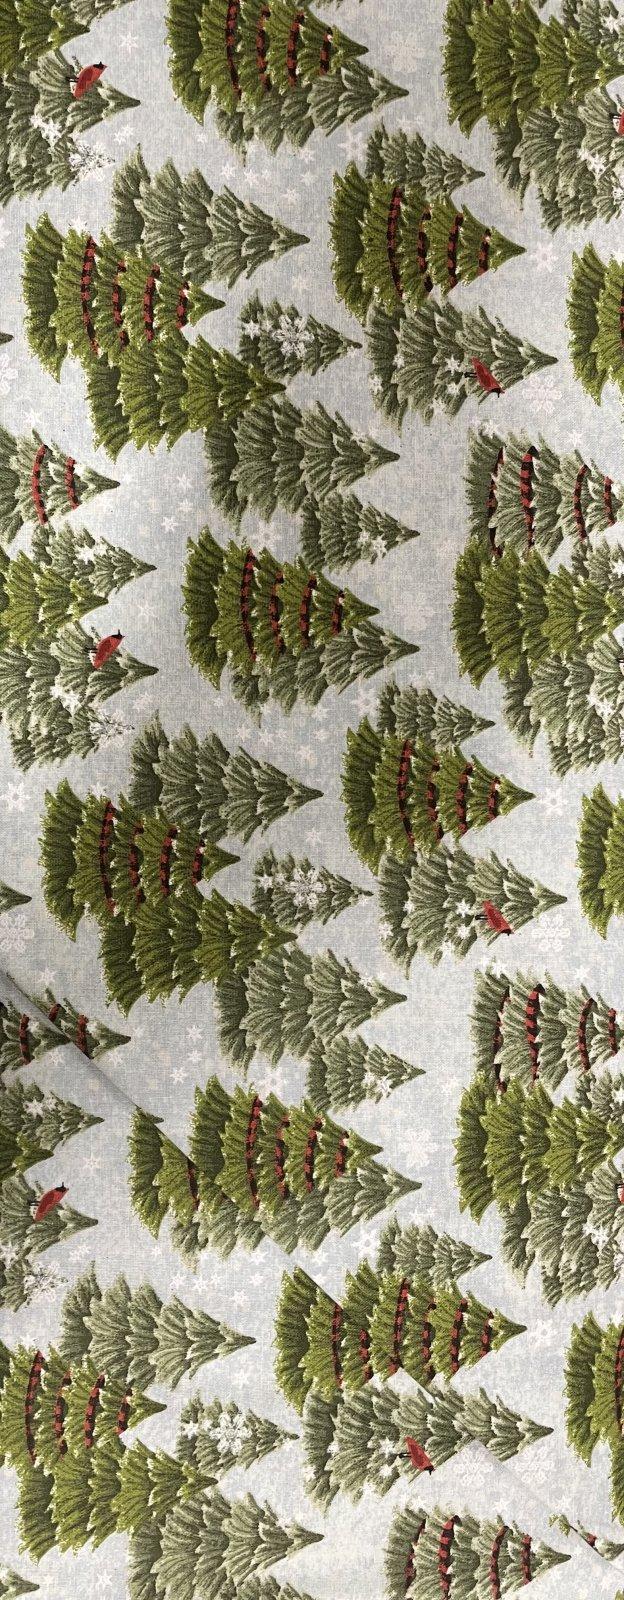 Jingle All The Way - Christmas Trees